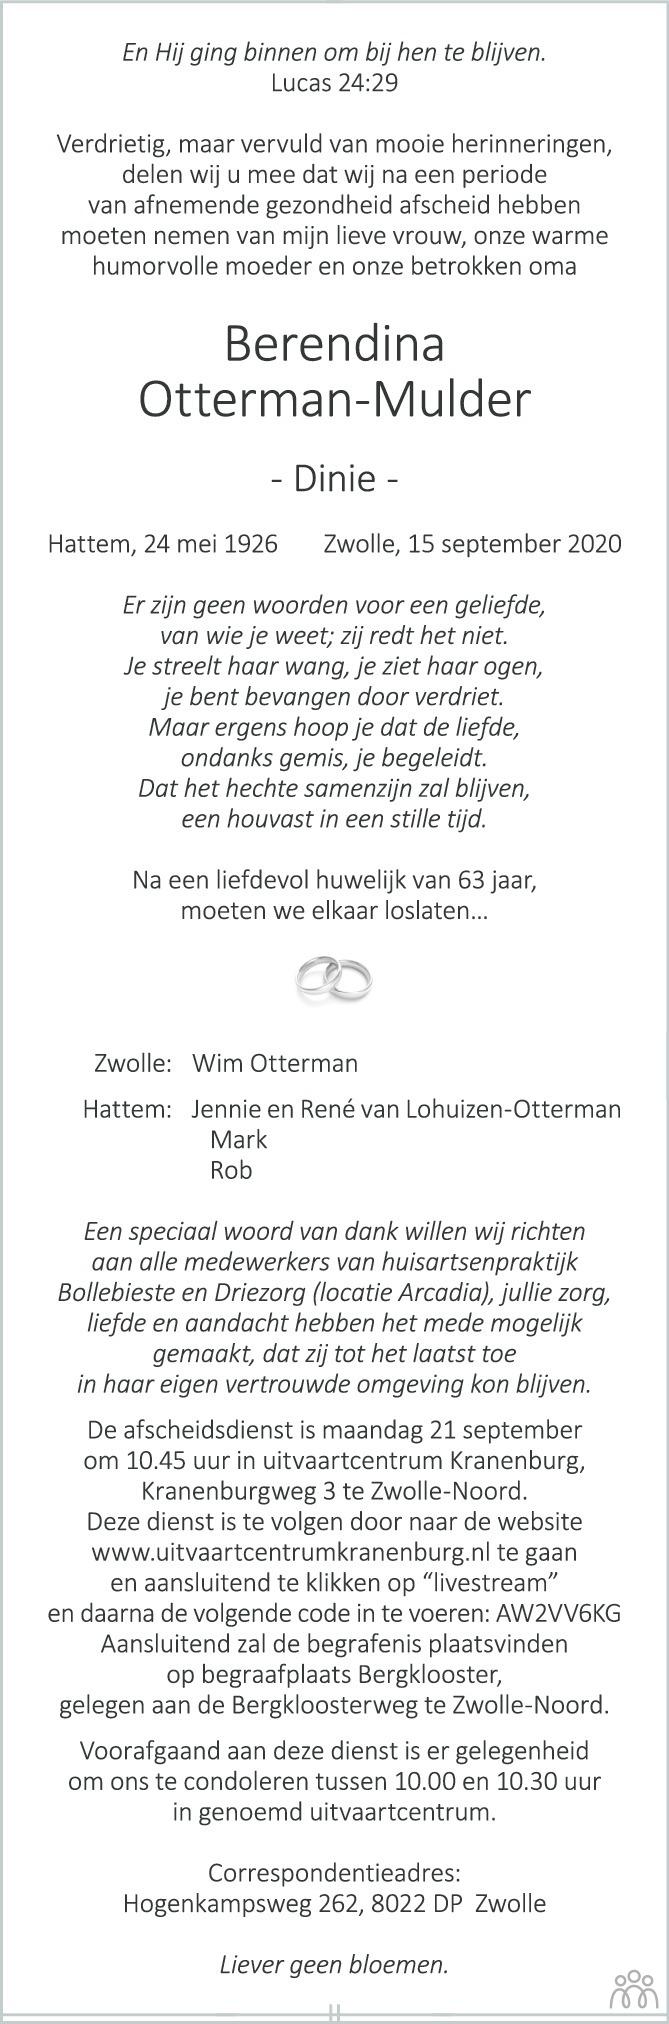 Overlijdensbericht van Berendina (Dinie) Otterman-Mulder in de Stentor